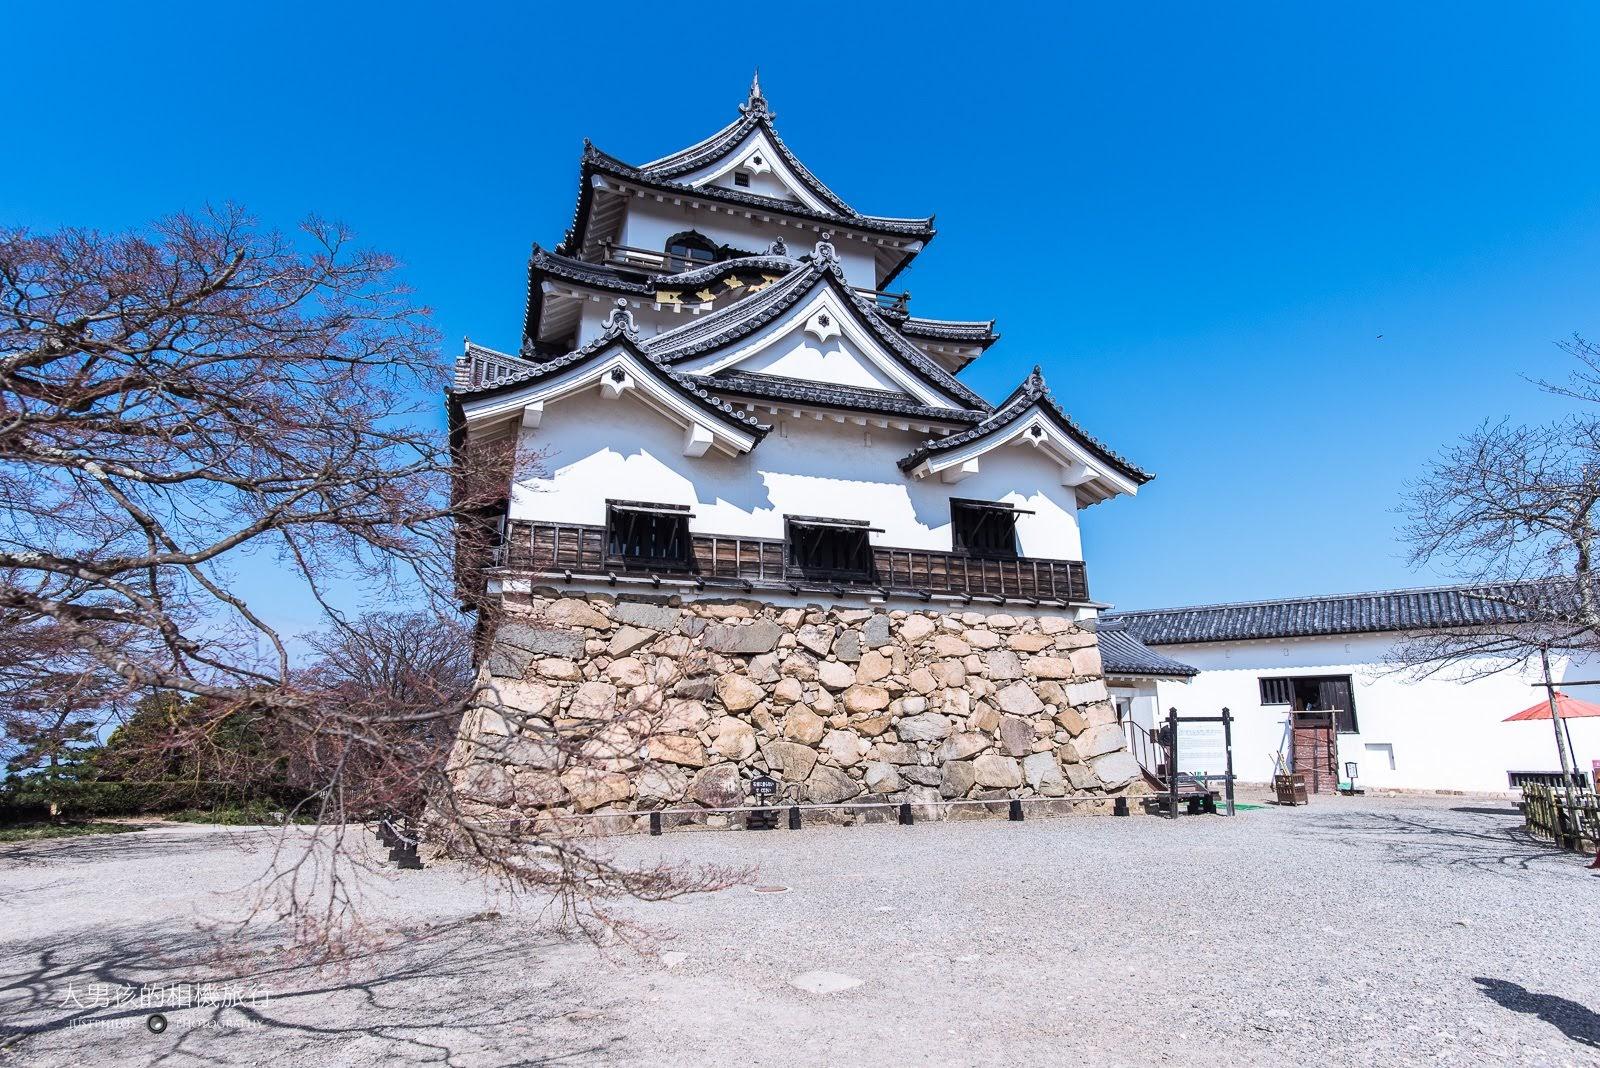 彥根城又名「金龜城」,是滋賀縣最主要的日本百大名城之一。